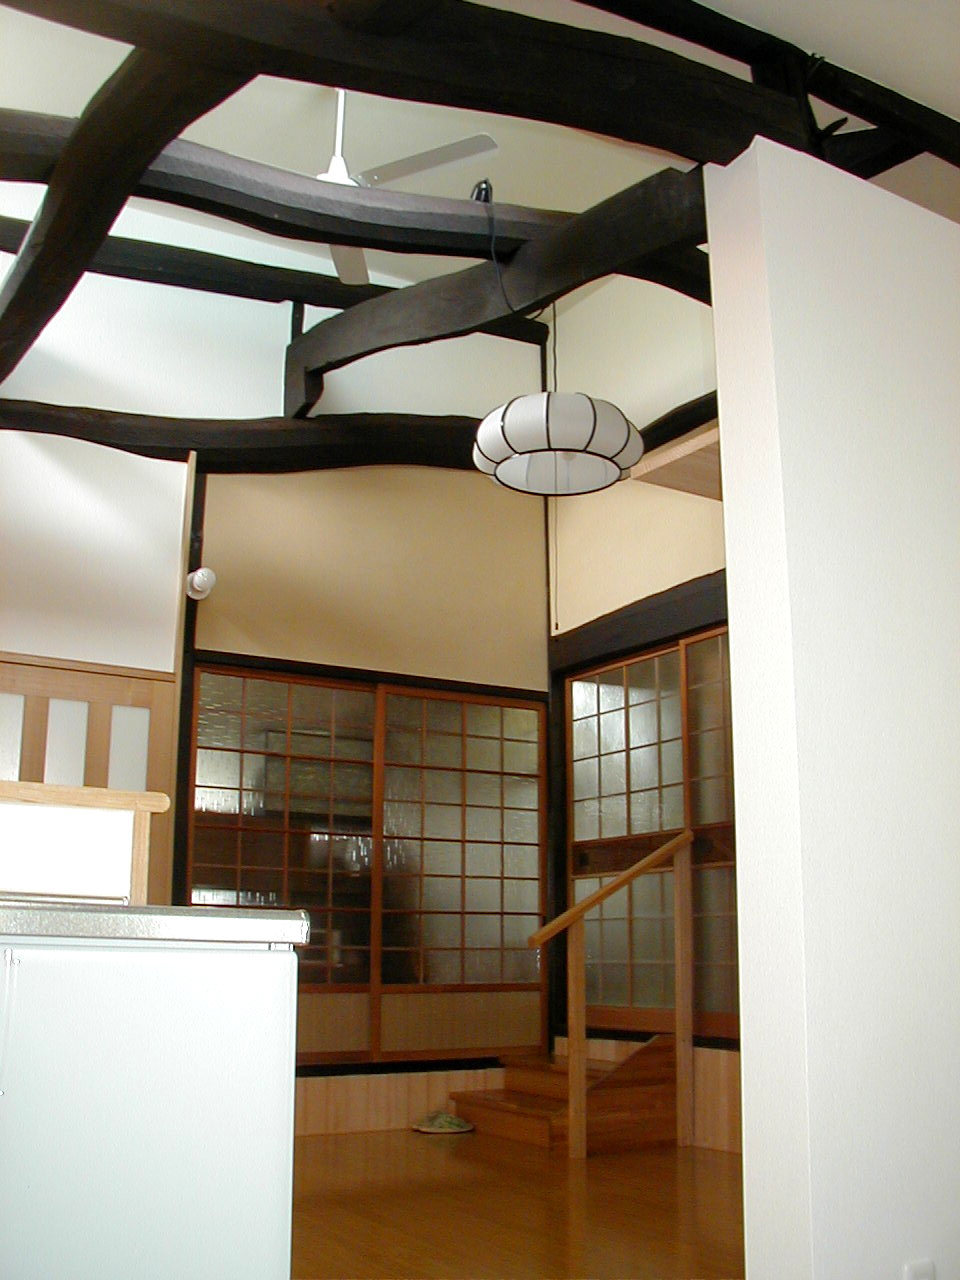 有限会社吉弘建設 『天井をとり、天井裏の梁を見せたLDK』